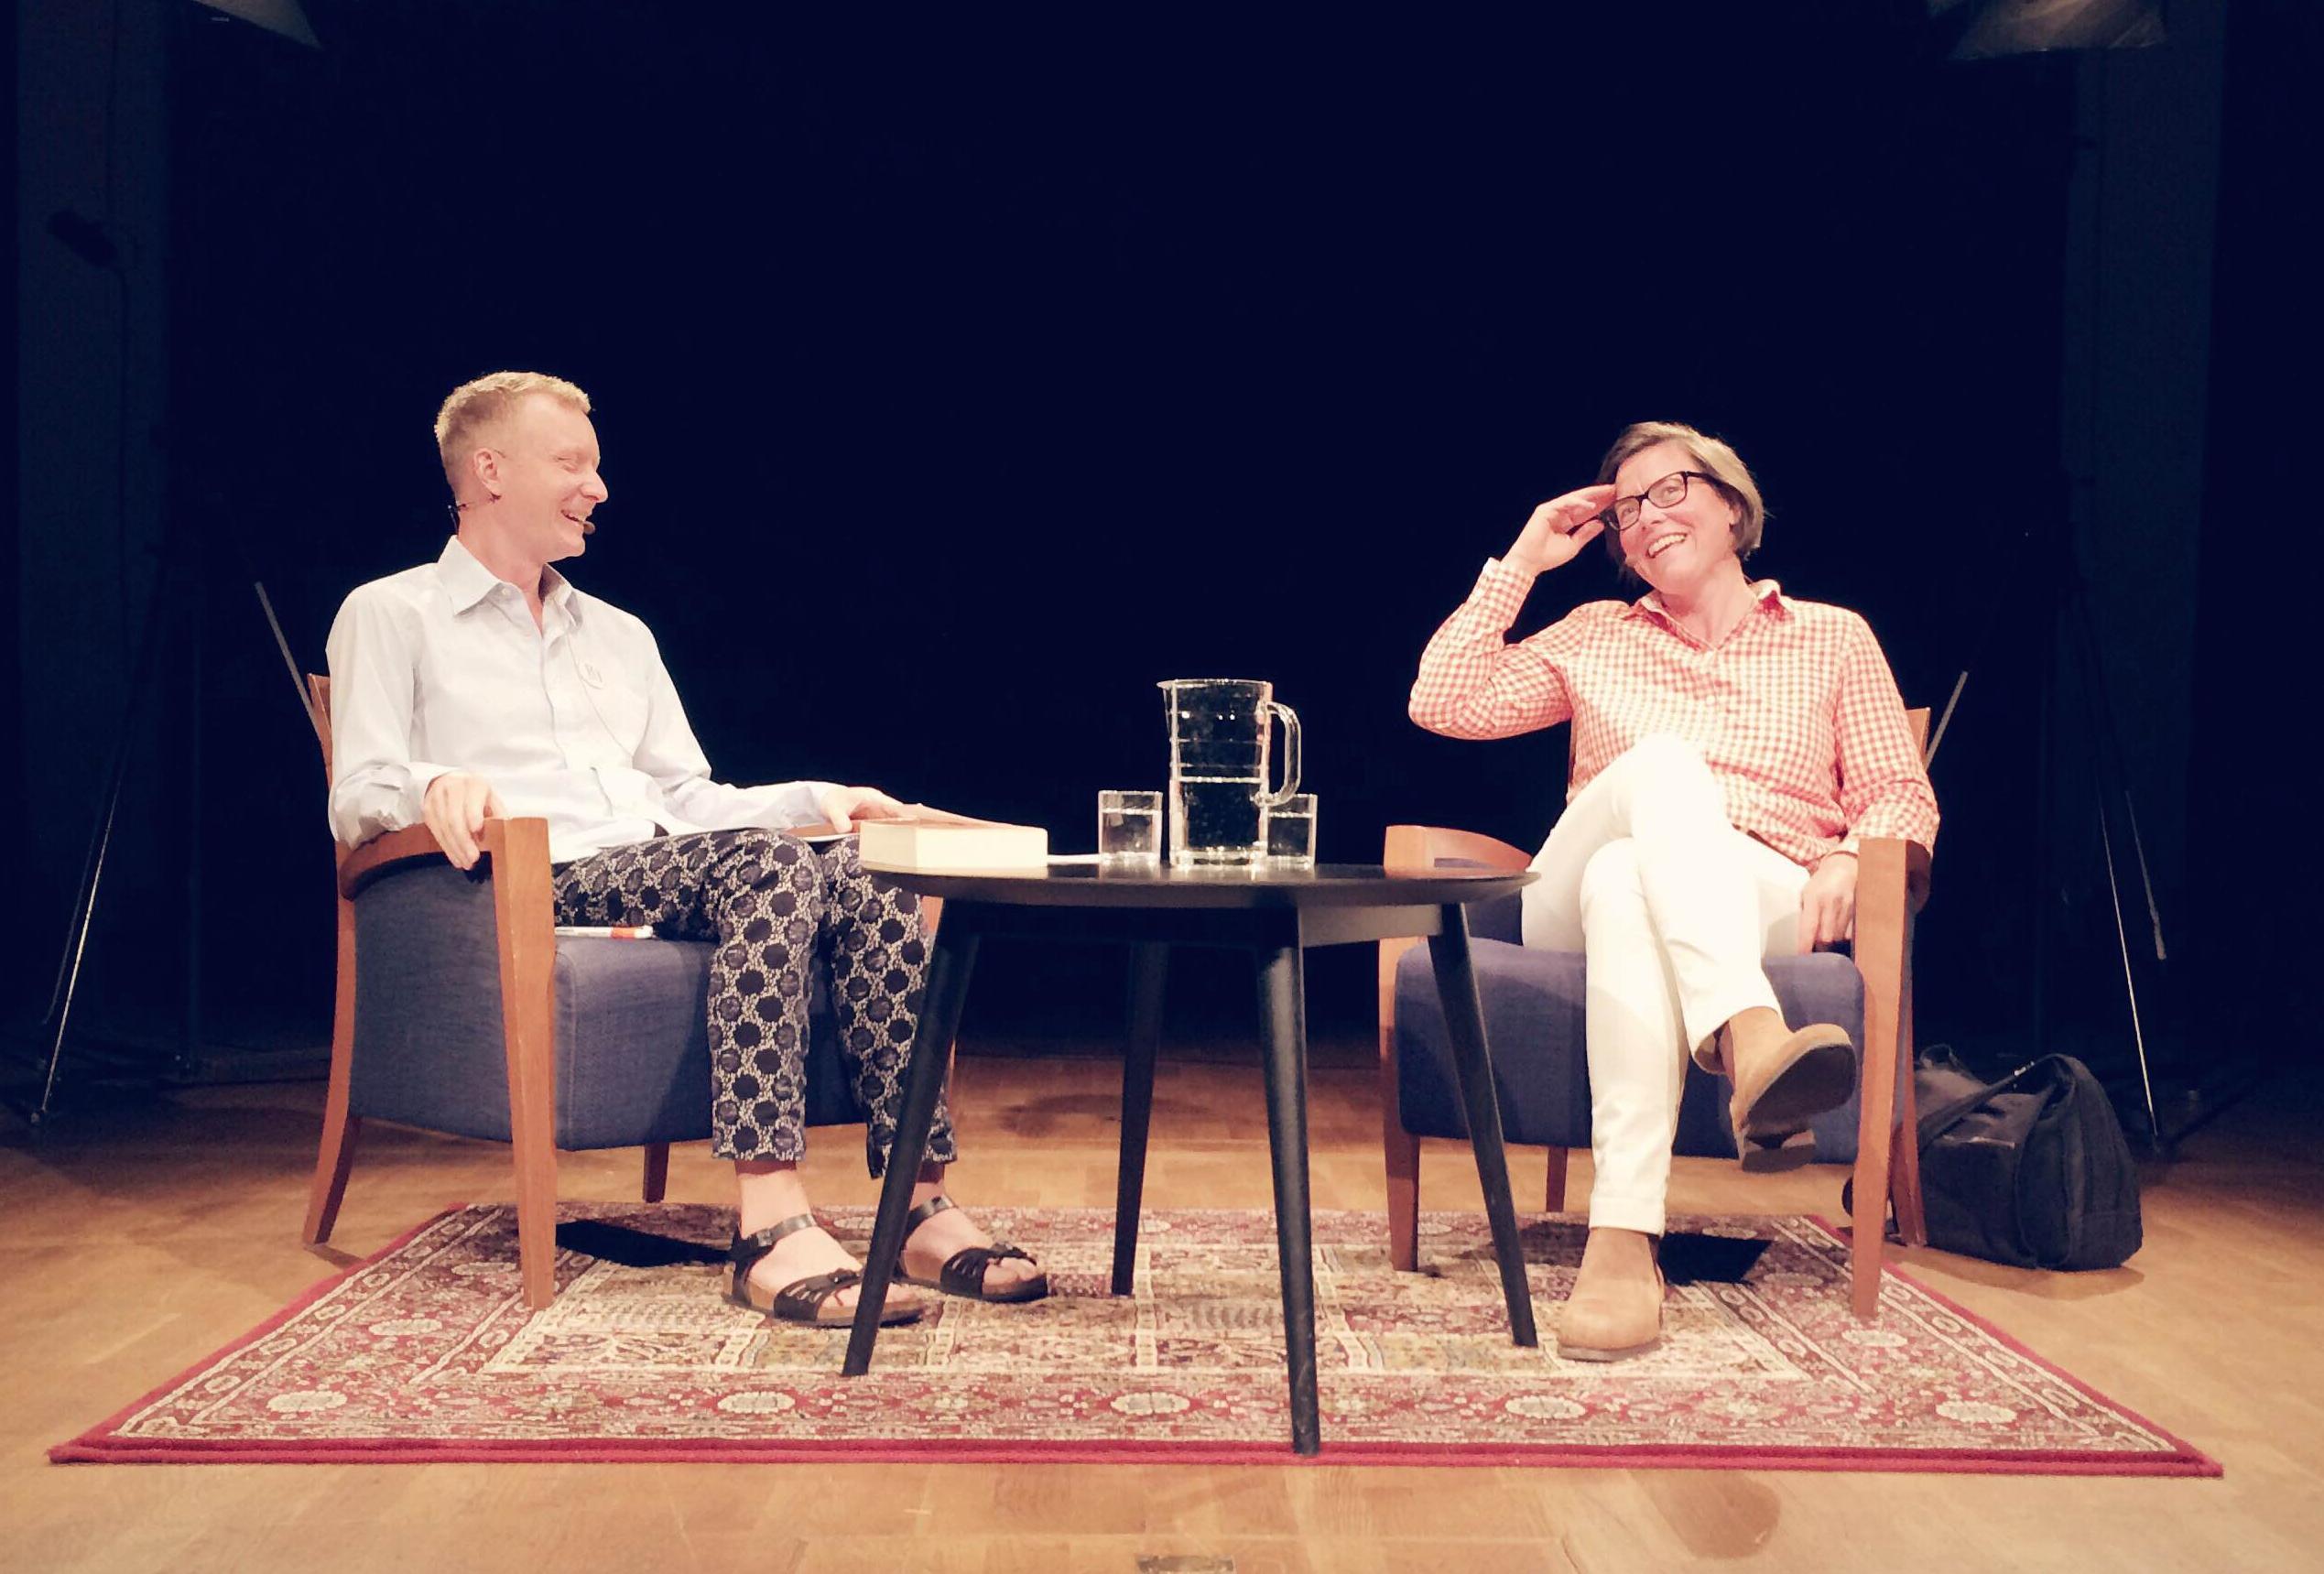 två glada personer som pratar i fåtöljer på scen